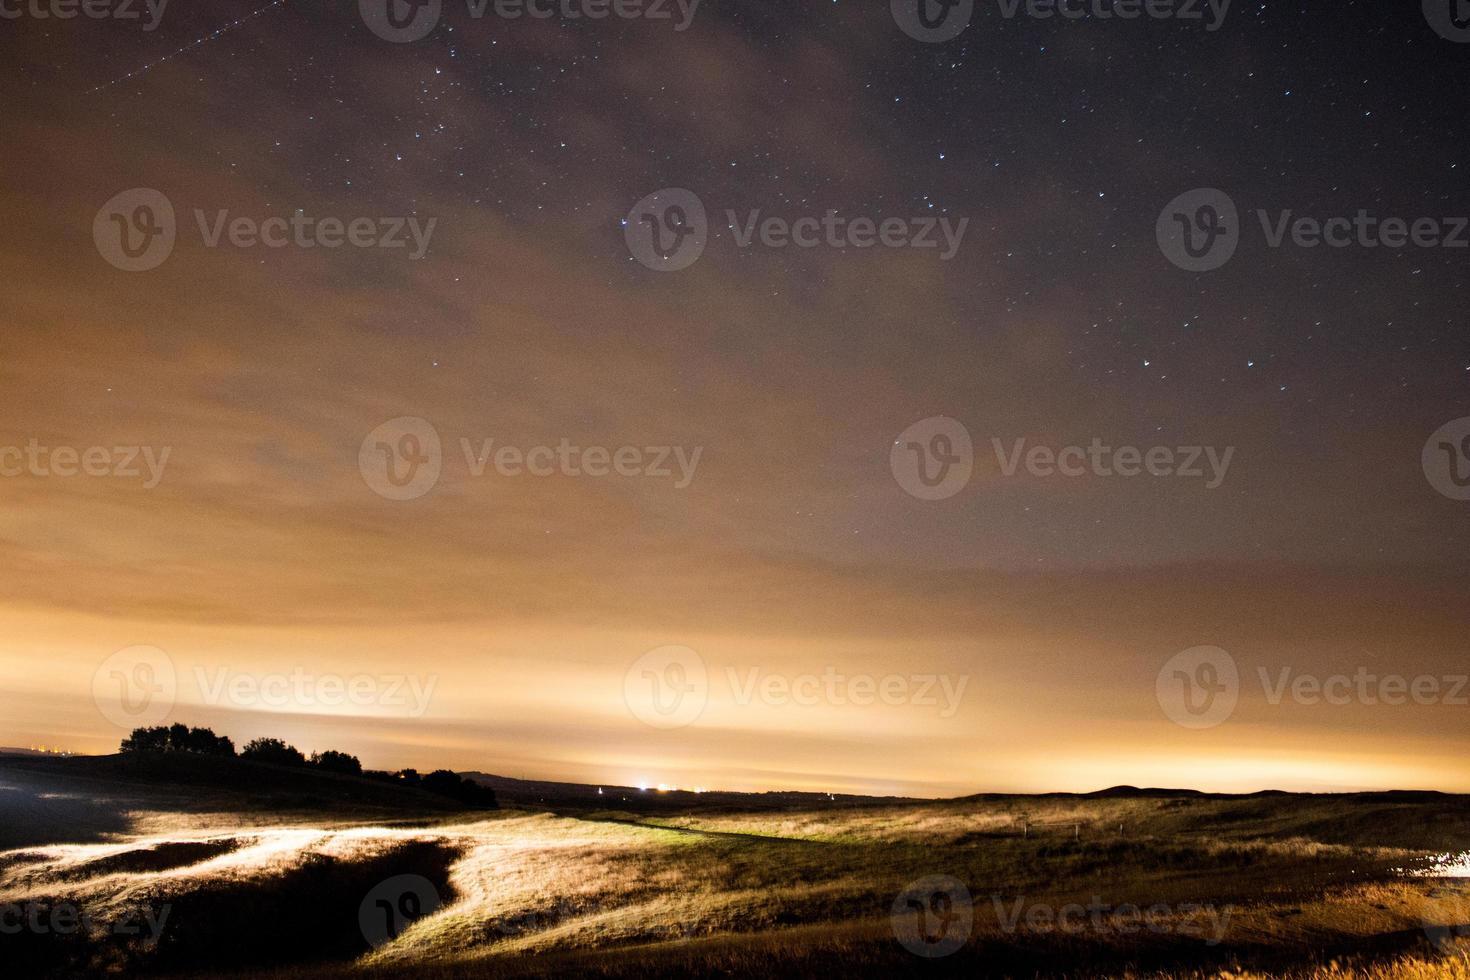 étoiles sur le ciel nocturne, pluie de météores perséides 2015 burton dassett photo